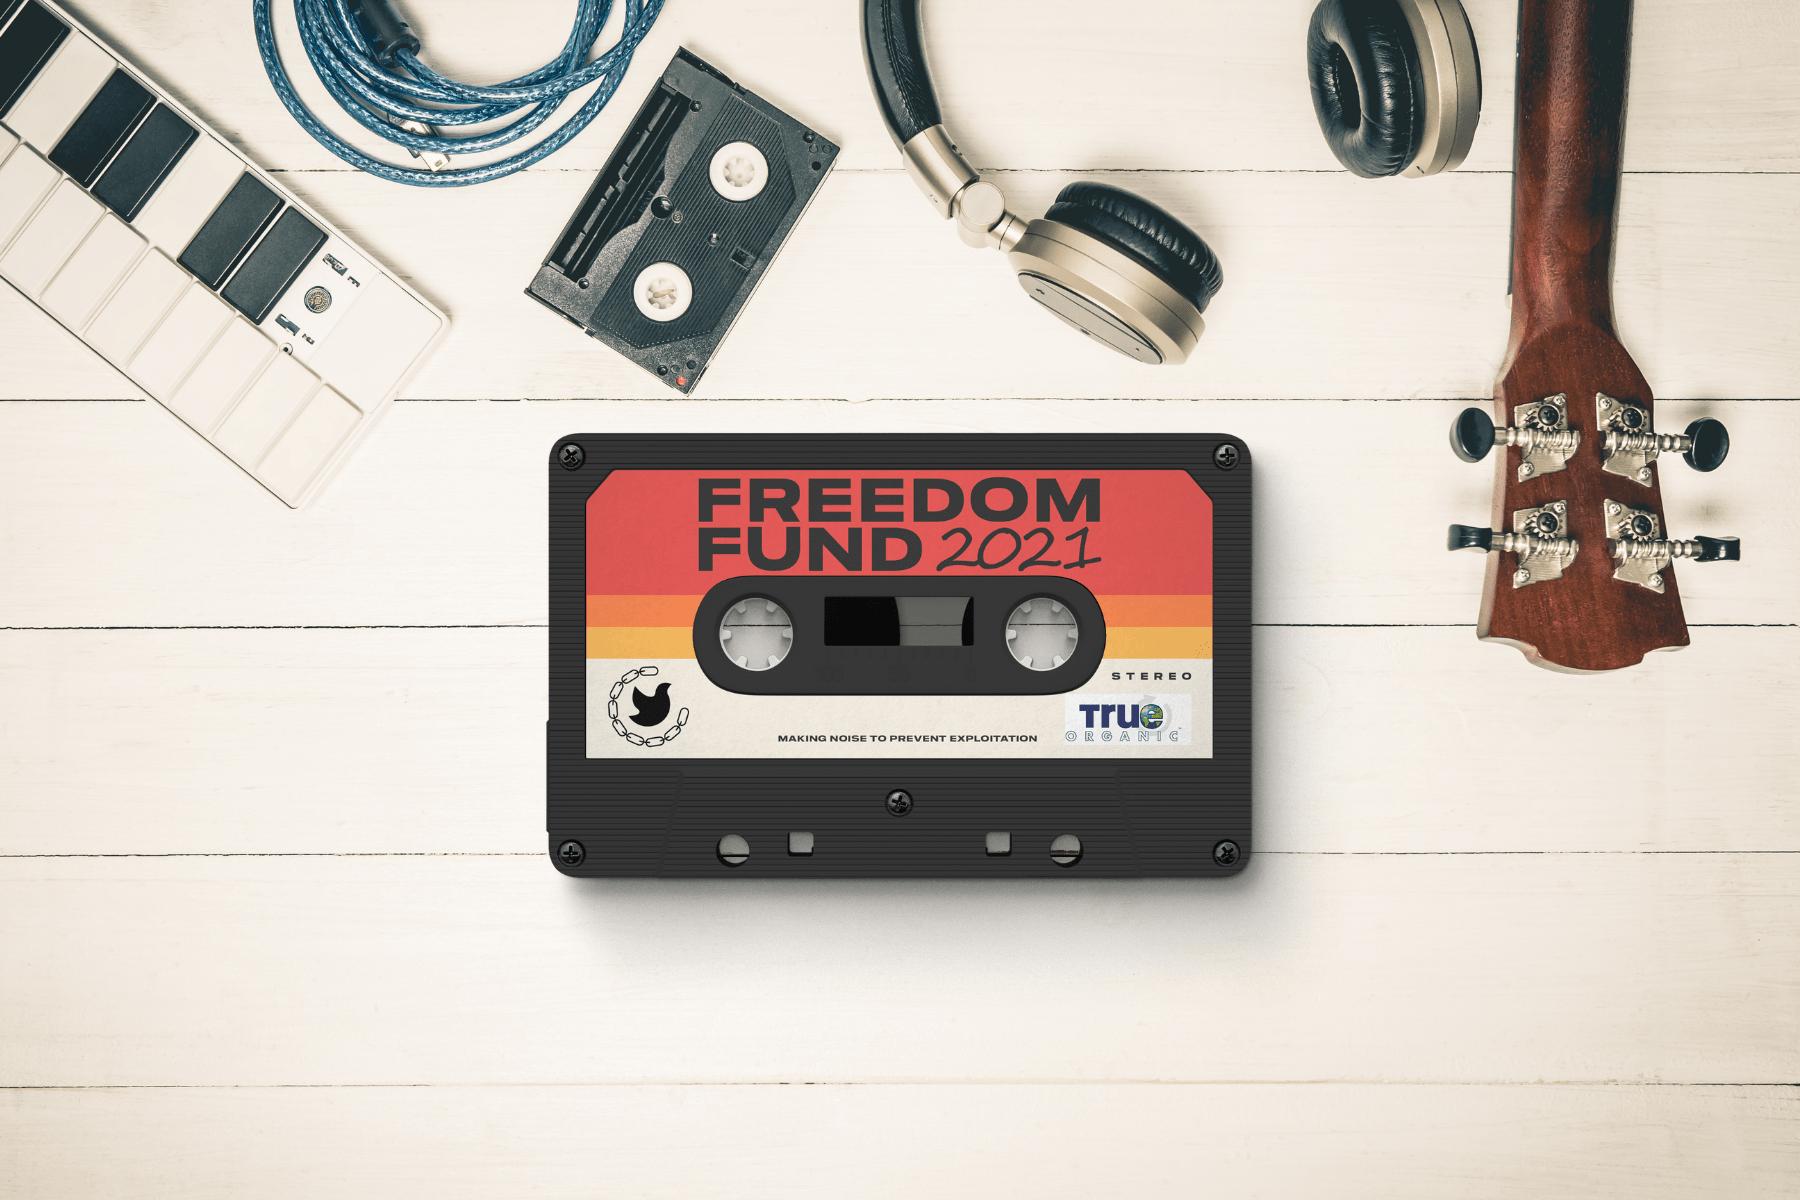 freedom fund 21